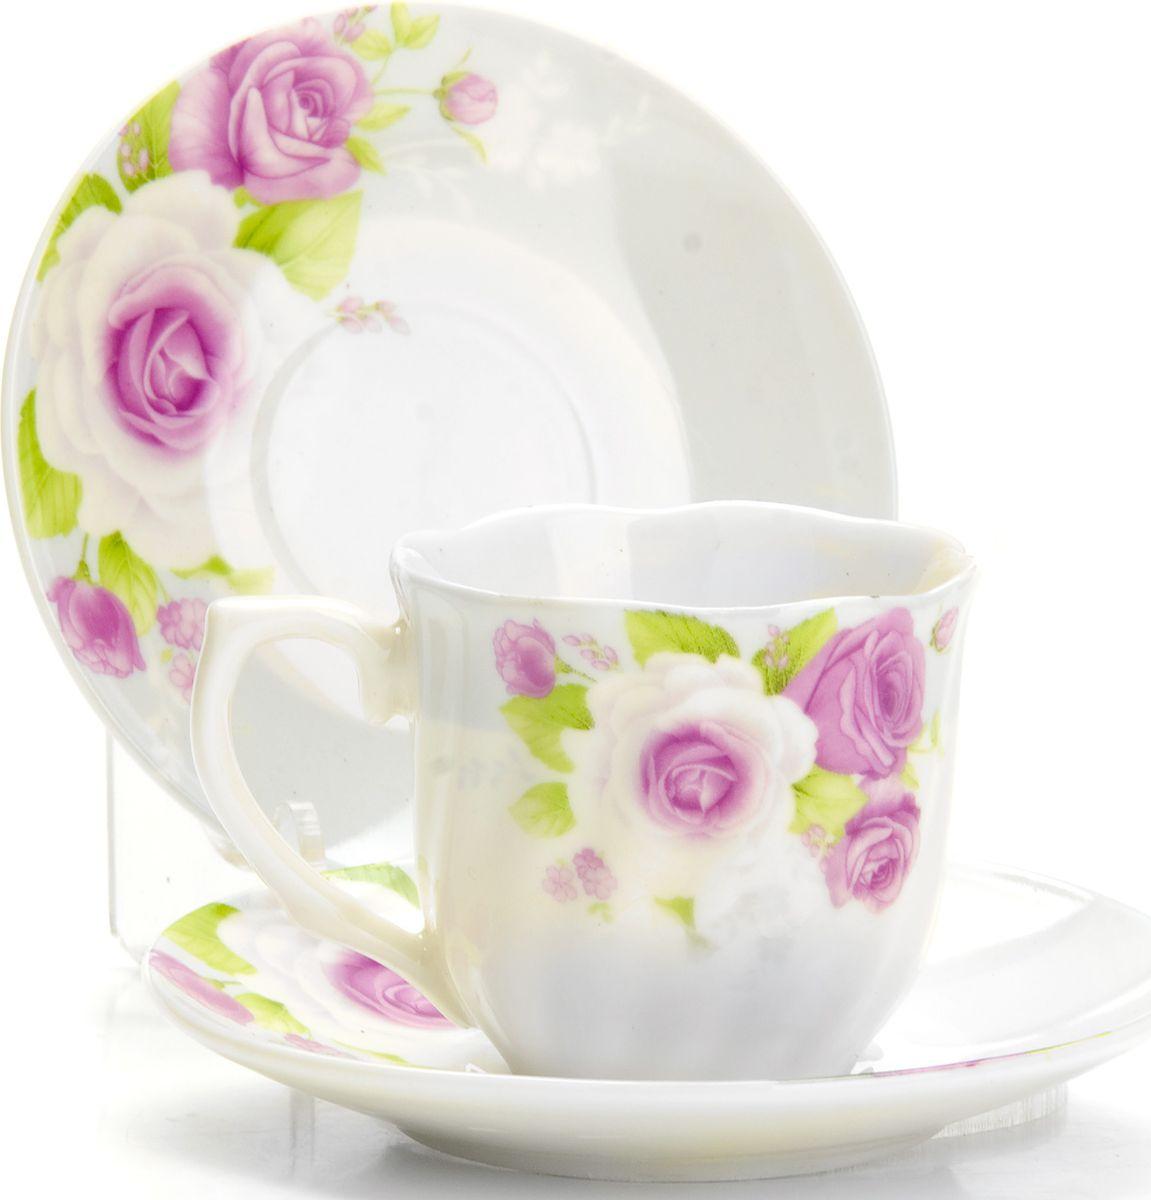 Набор кофейный Loraine, 12 предметов. 43329VT-1520(SR)Кофейный сервиз на 6 персон изготовлен из качественного фарфора и оформлен красивым цветочным рисунком. Элегантный и удобный кофейный сервиз не только украсит сервировку стола, но и поднимет настроение и превратит процесс чаепития в одно удовольствие.Сервиз состоит из 12 предметов: шести чашек и шести блюдец, упакованных в подарочную коробку. Чашки имеют удобную, изящную ручку. Изделия легко и просто мыть. Кофейный сервиз прекрасно подойдет в качестве подарка для родных и друзей на любой праздник!Диаметр чашки: 6 см.Высота чашки: 5,5 см.Объем чашки: 80 мл.Диаметр блюдца: 11 см.